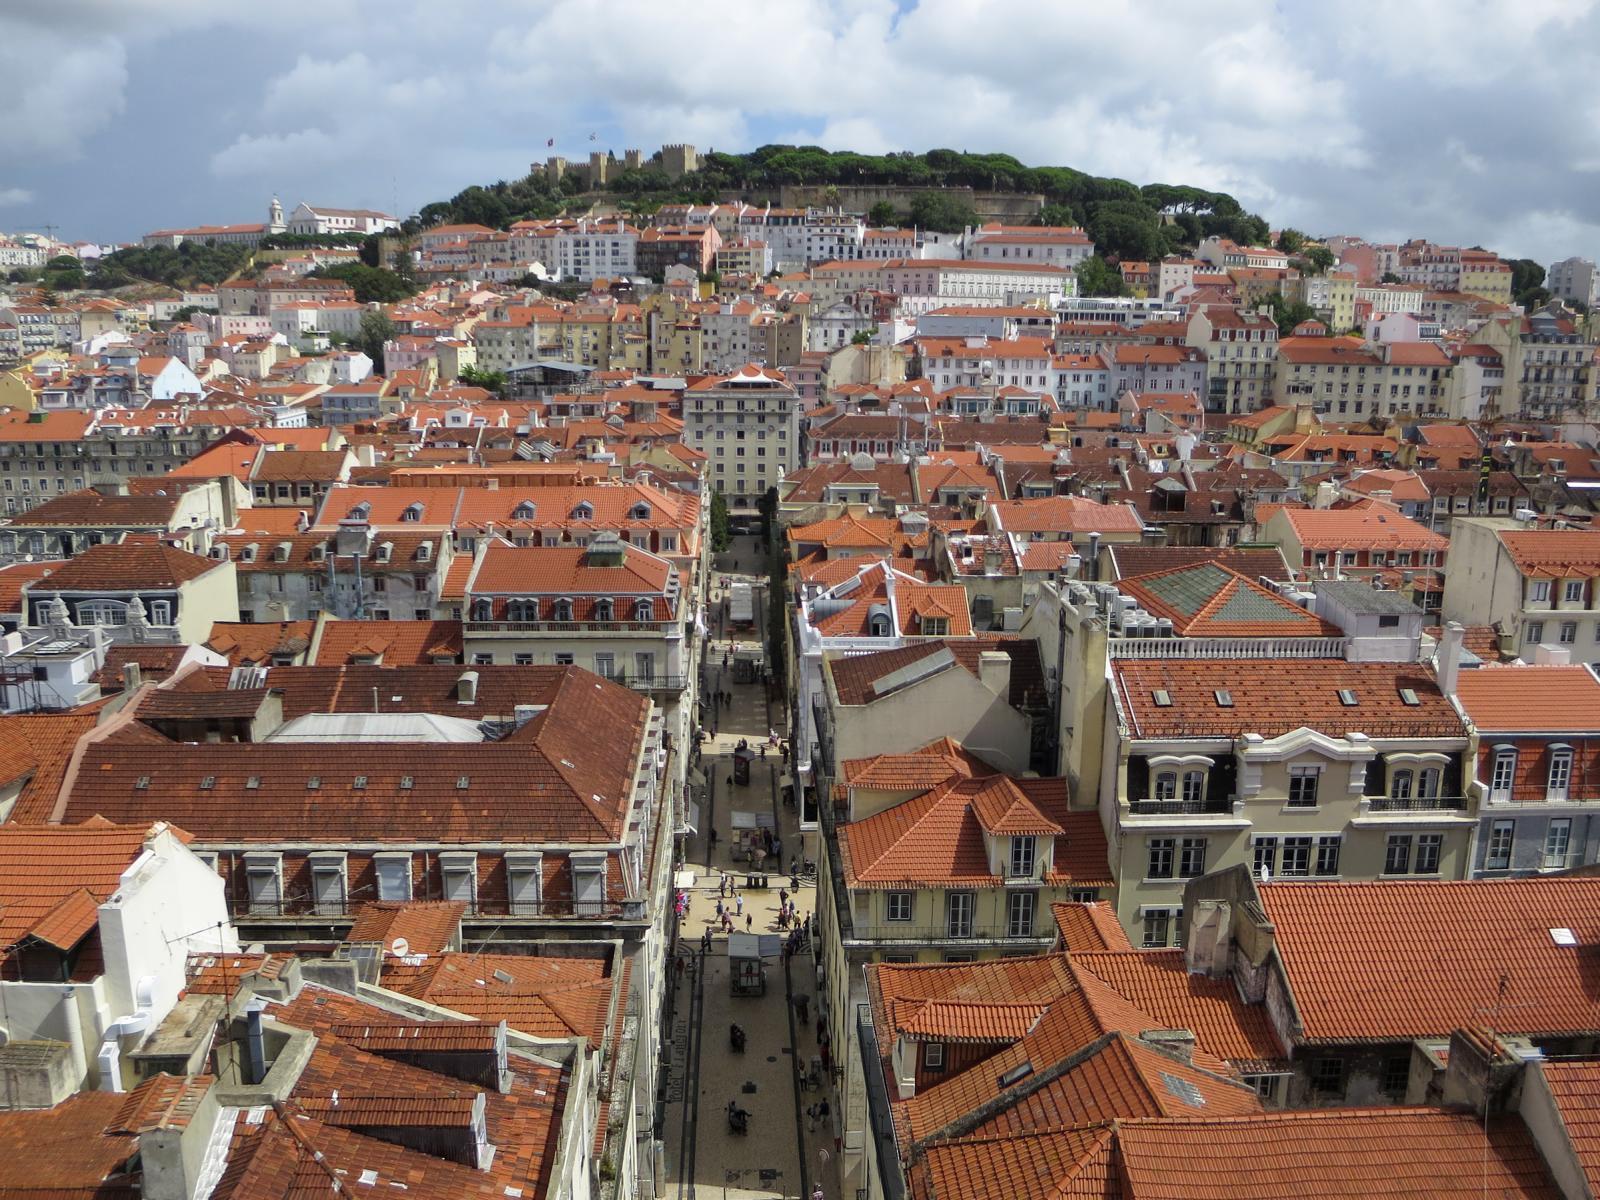 Städtereise Lissabon Sehenswürdigkeiten Aussicht Elevador de Santa Justa Castelo de São Jorge Portugal